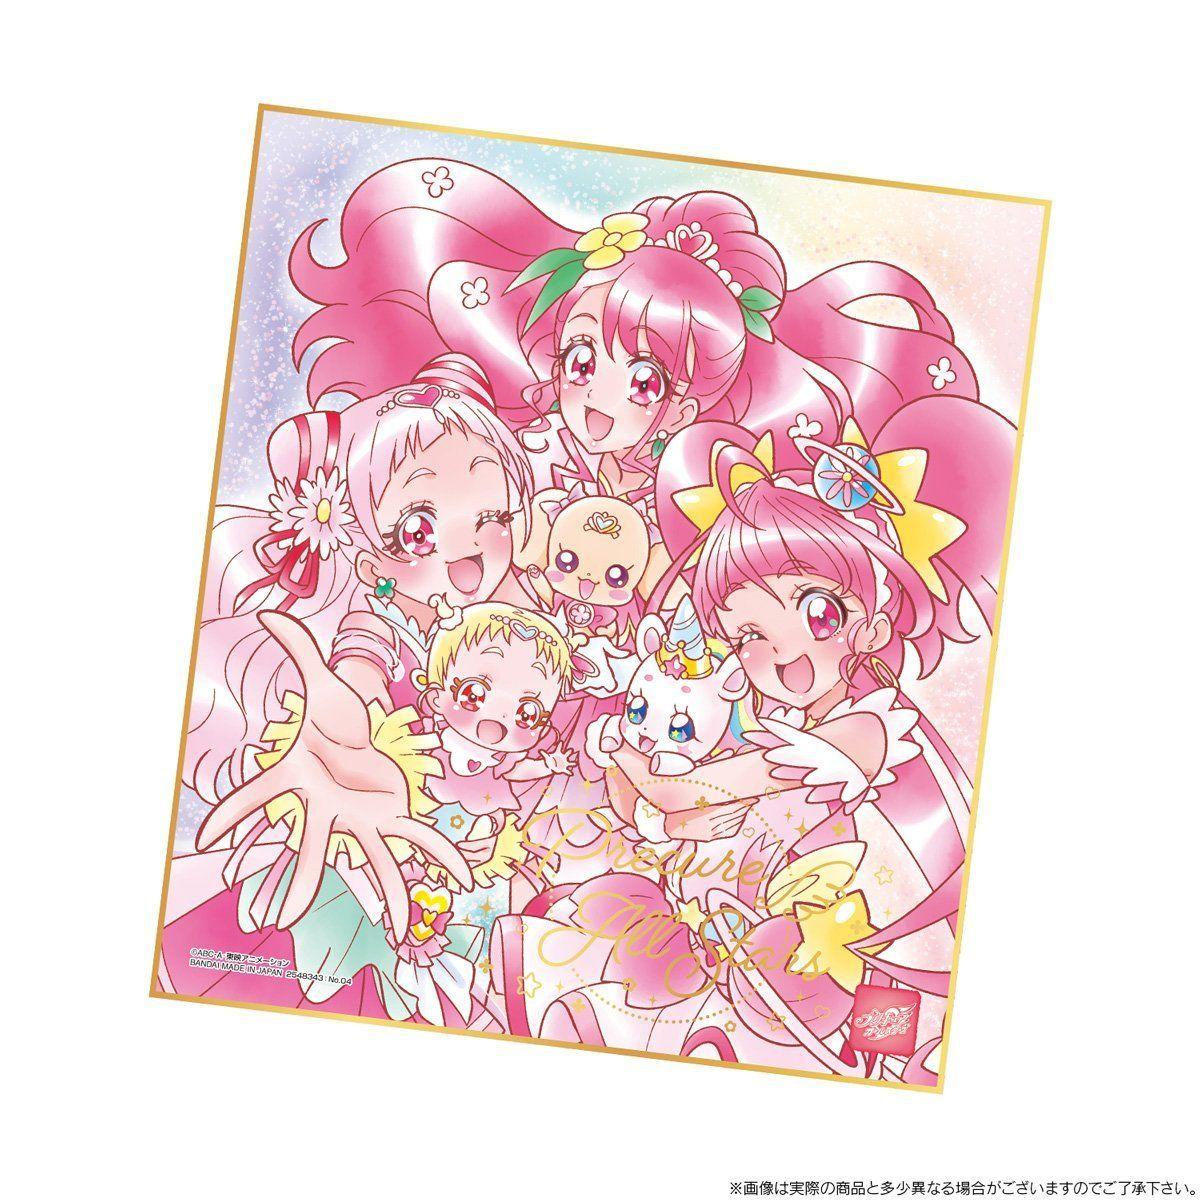 プリキュア色紙ART-メモリアルセット-【プレミアムバンダイ限定】_4